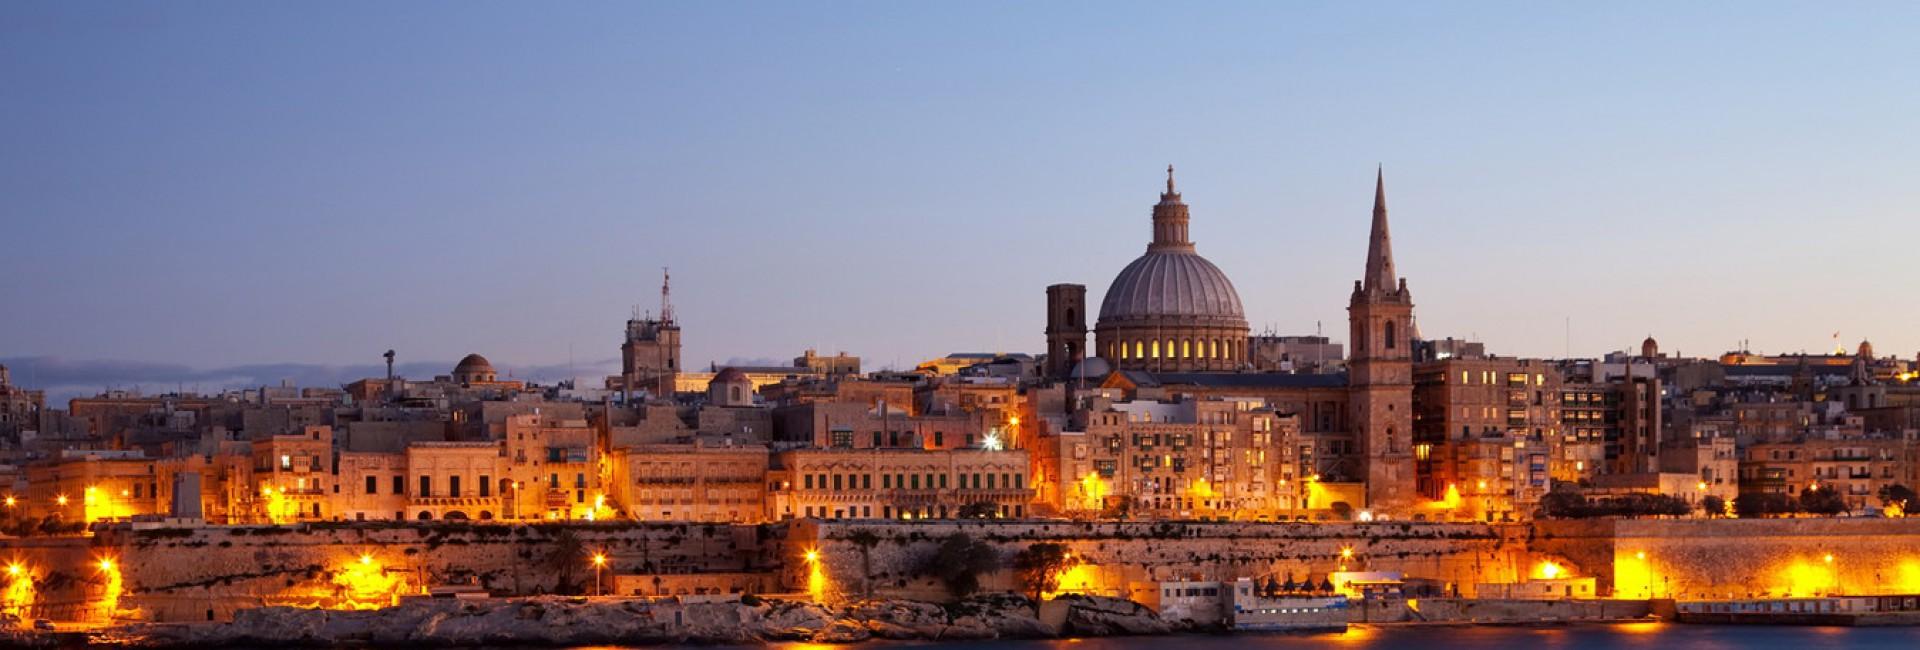 cropped-Valletta.jpg